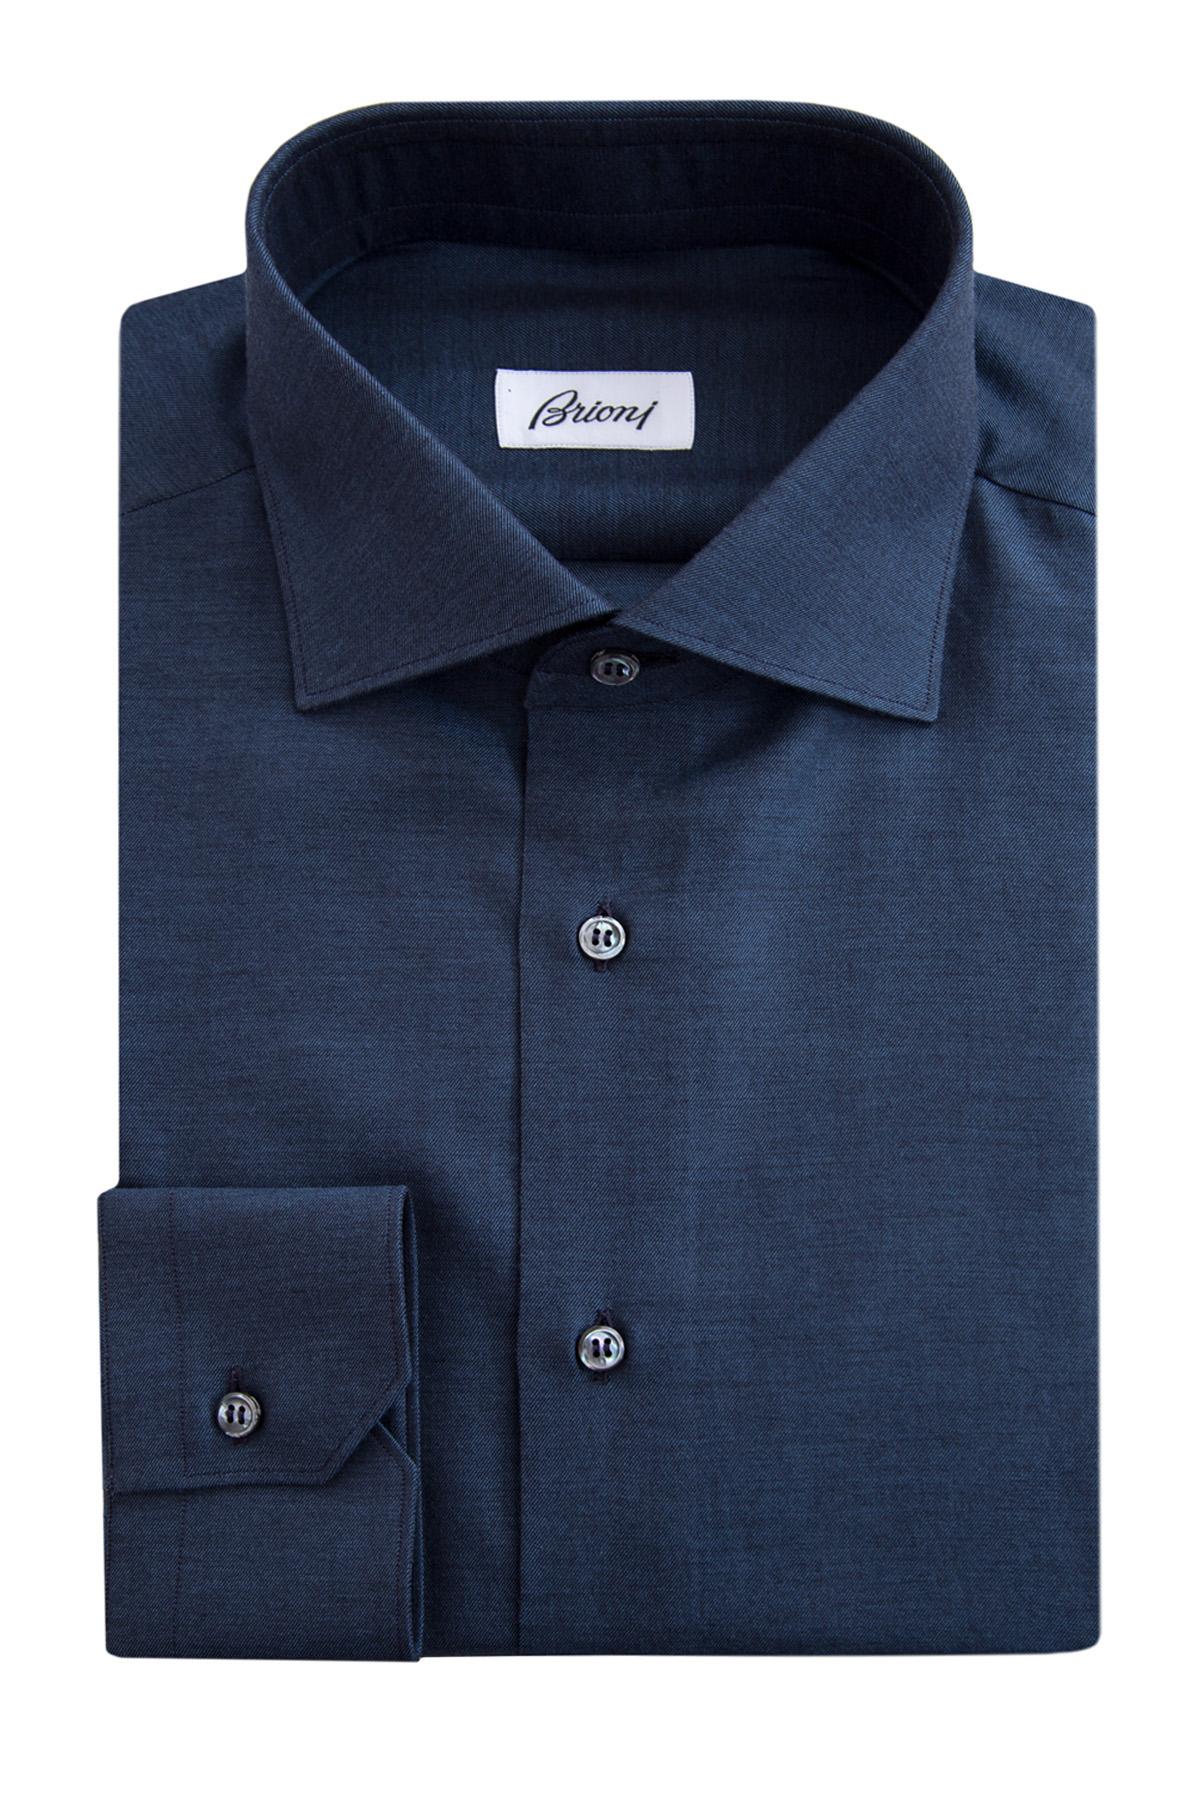 Купить Рубашка, BRIONI, Италия, хлопок 85%, кашемир 15%